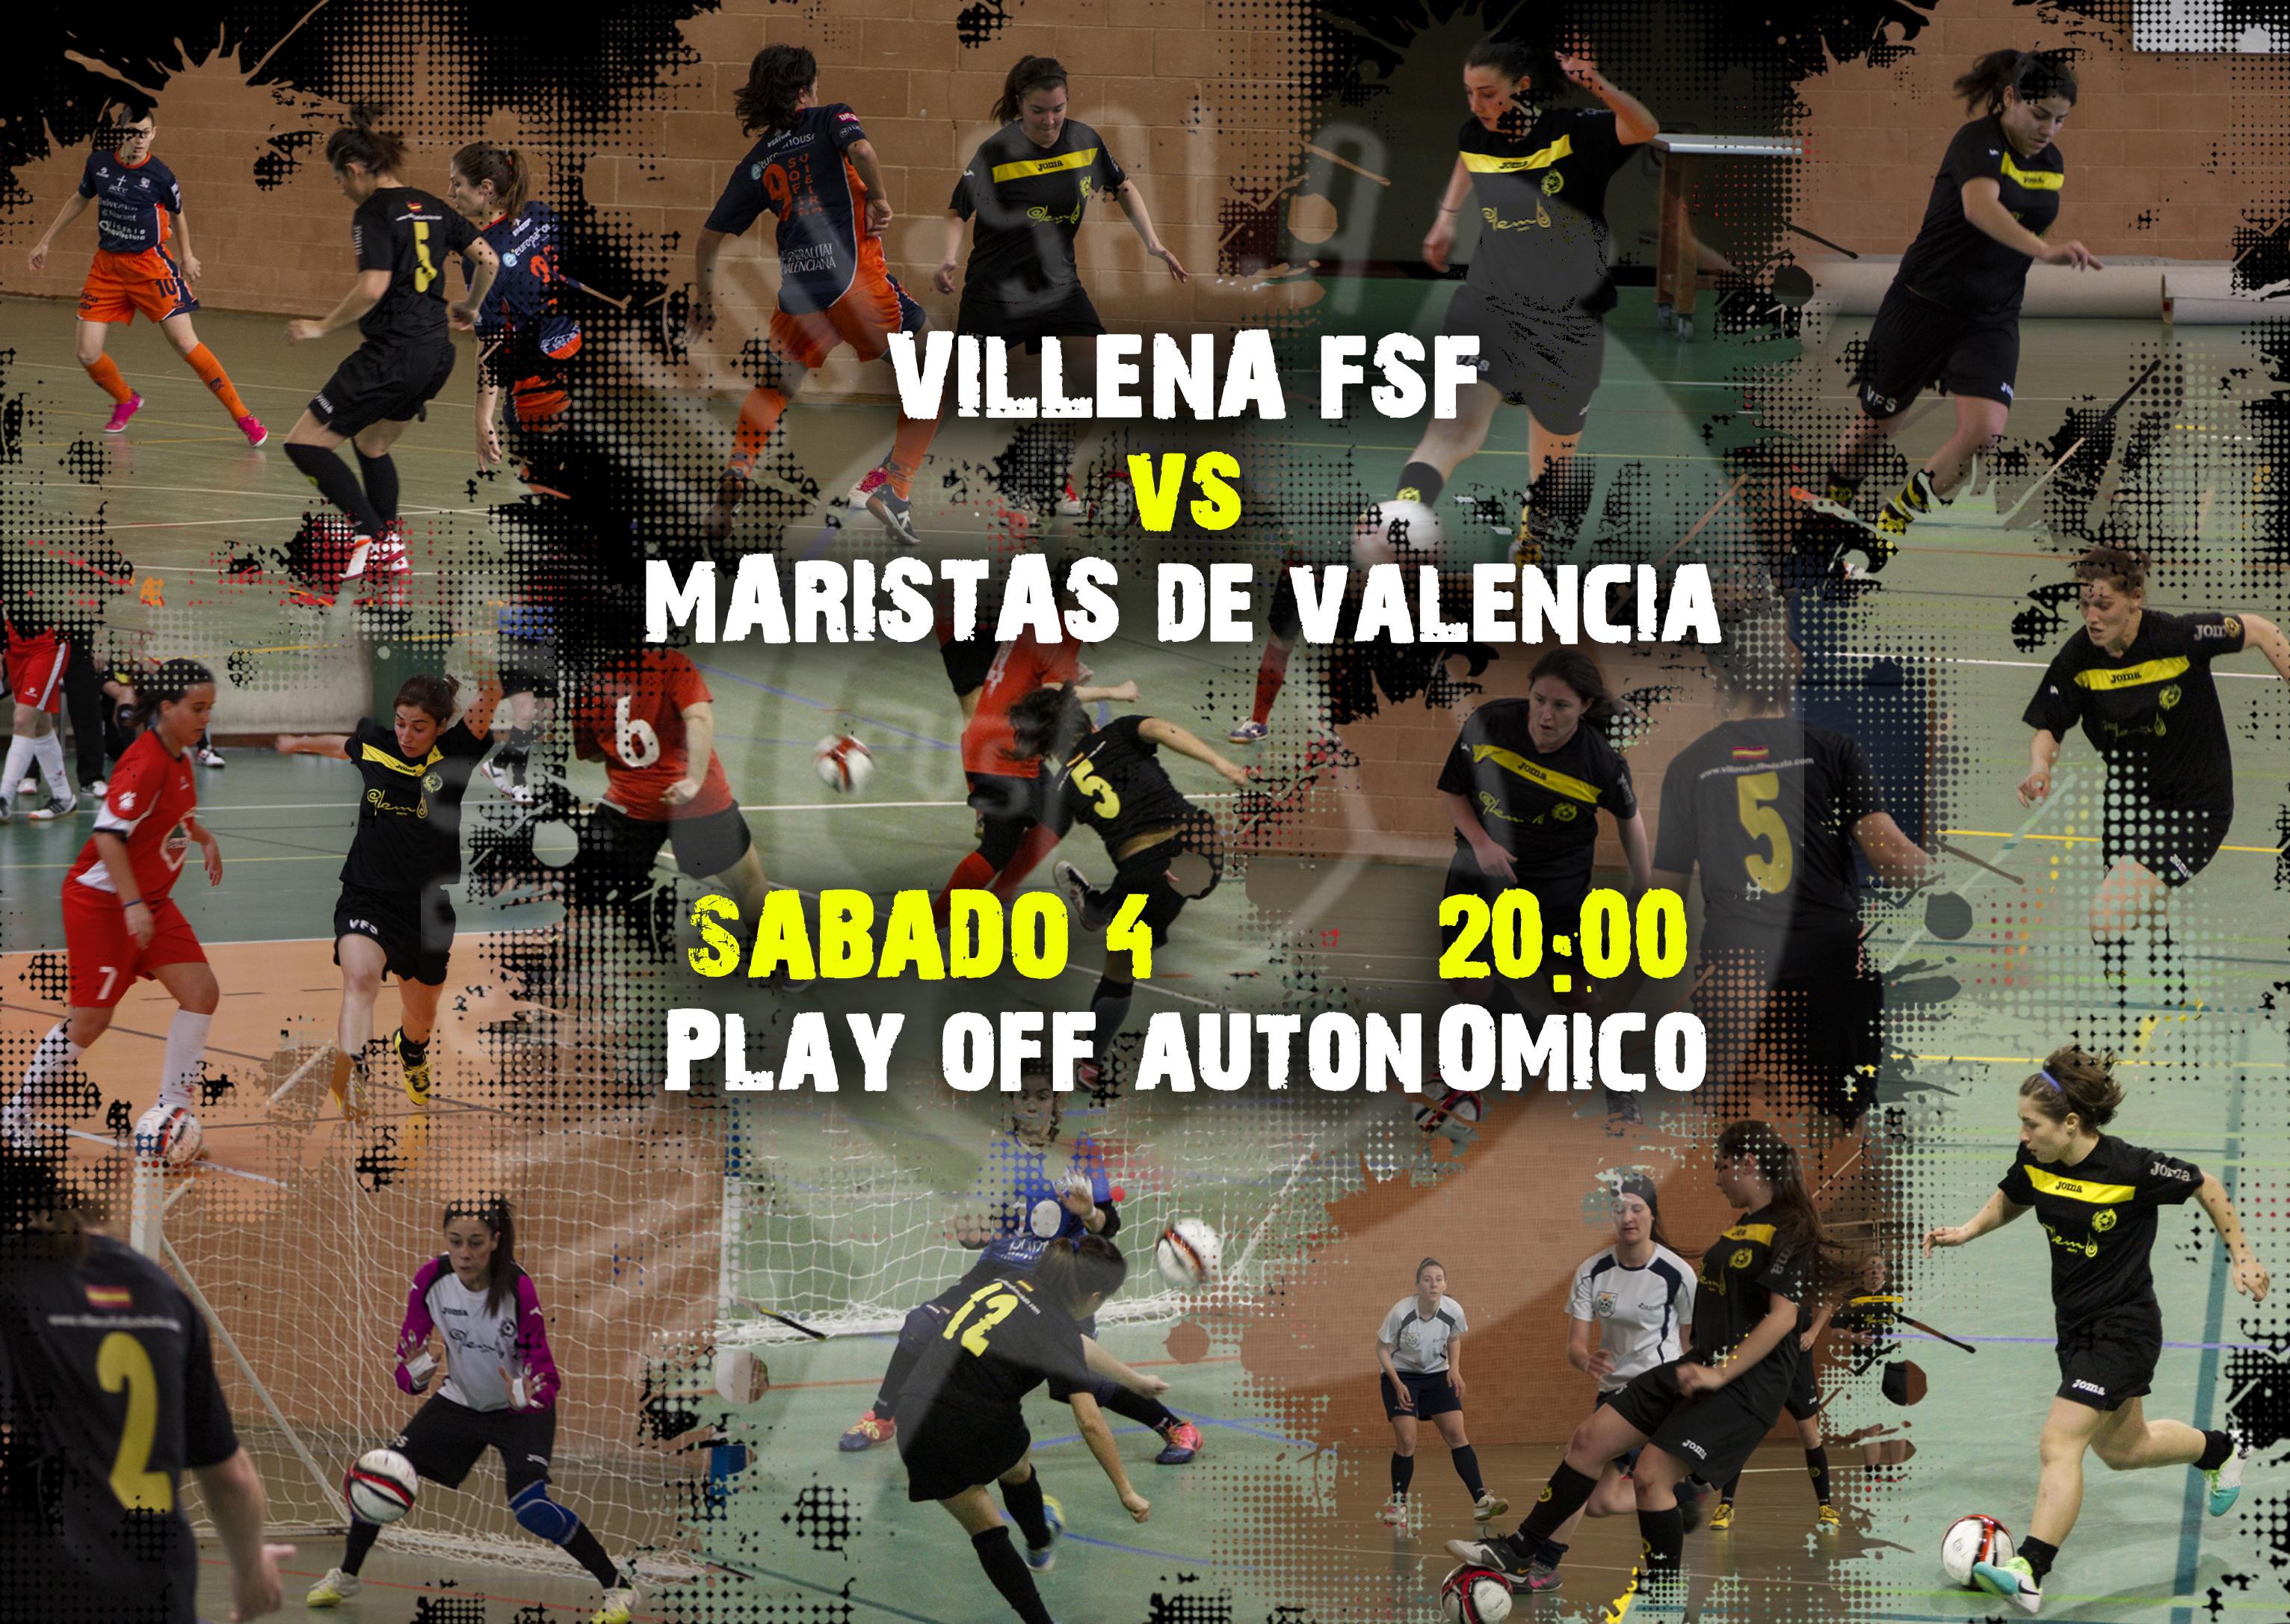 VFSF-Maristas